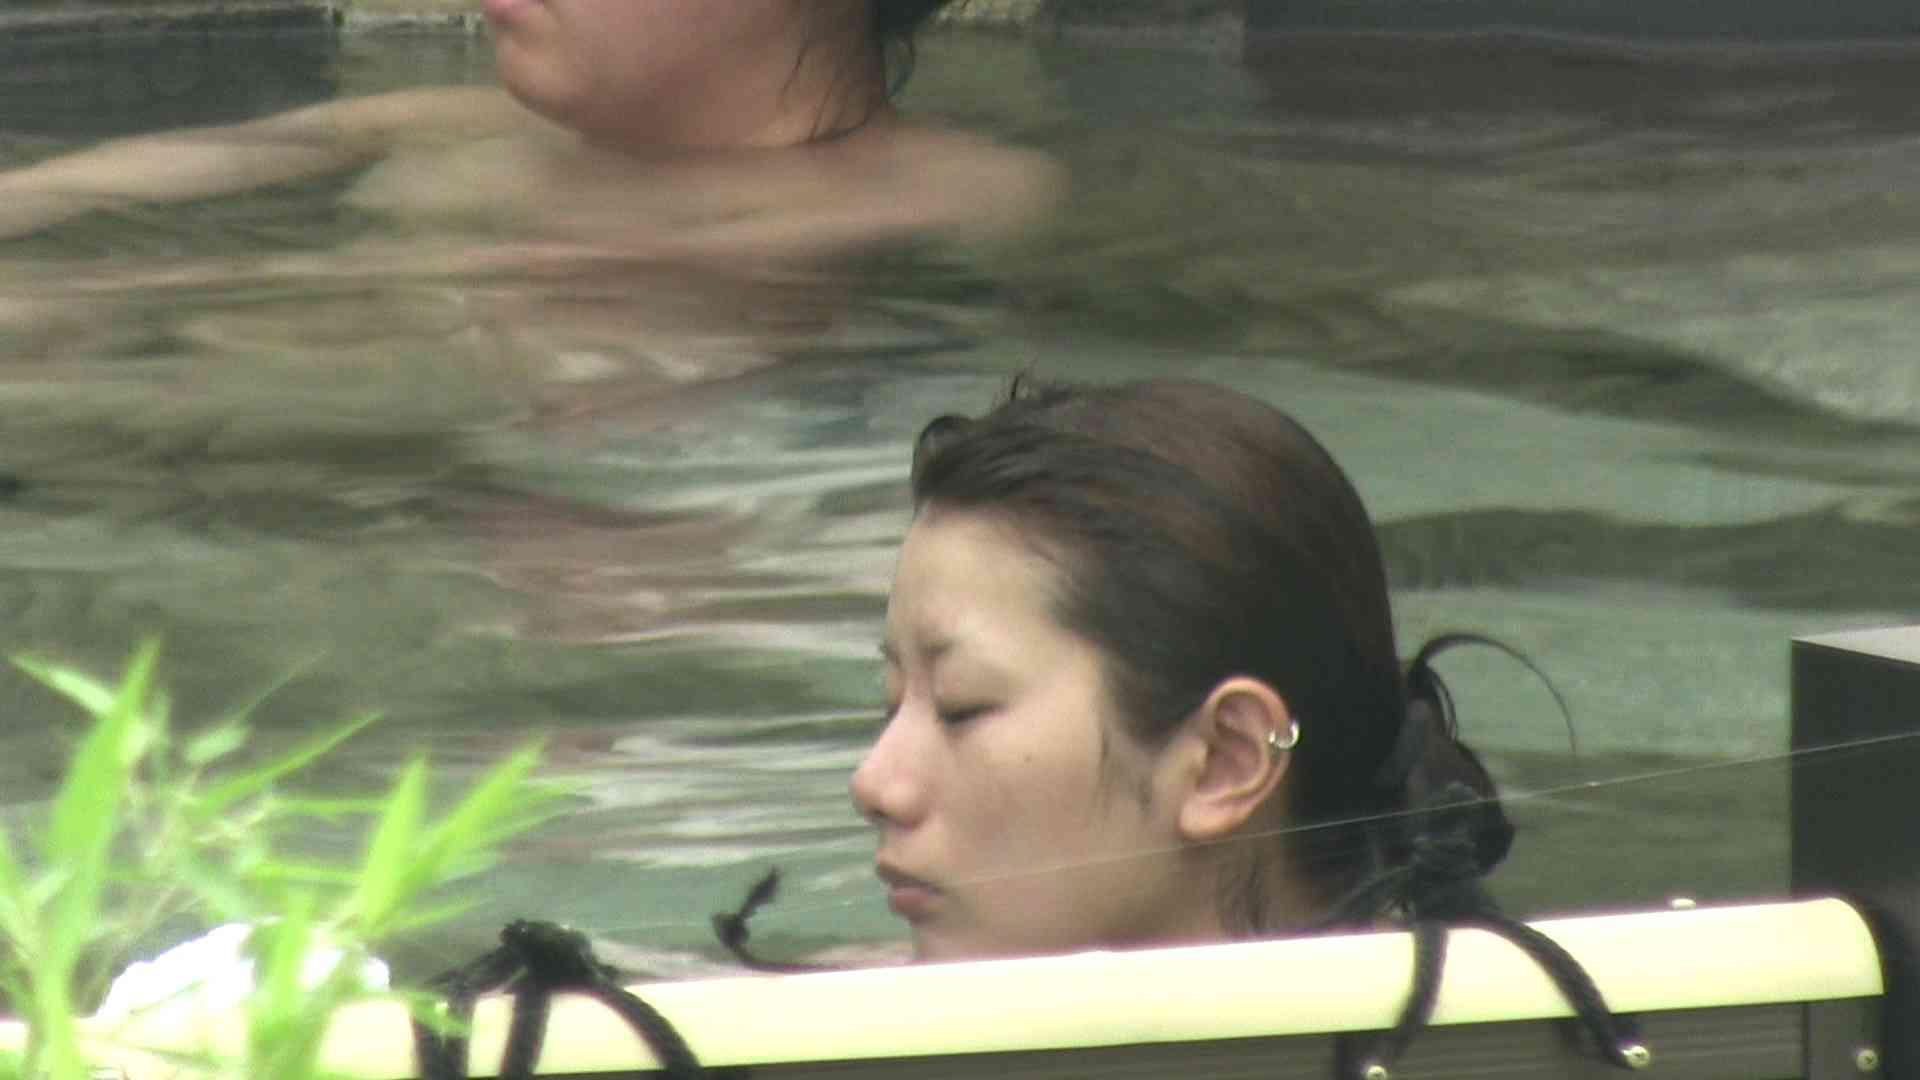 Aquaな露天風呂Vol.19【VIP】 美しいOLの裸体   盗撮師作品  106pic 94